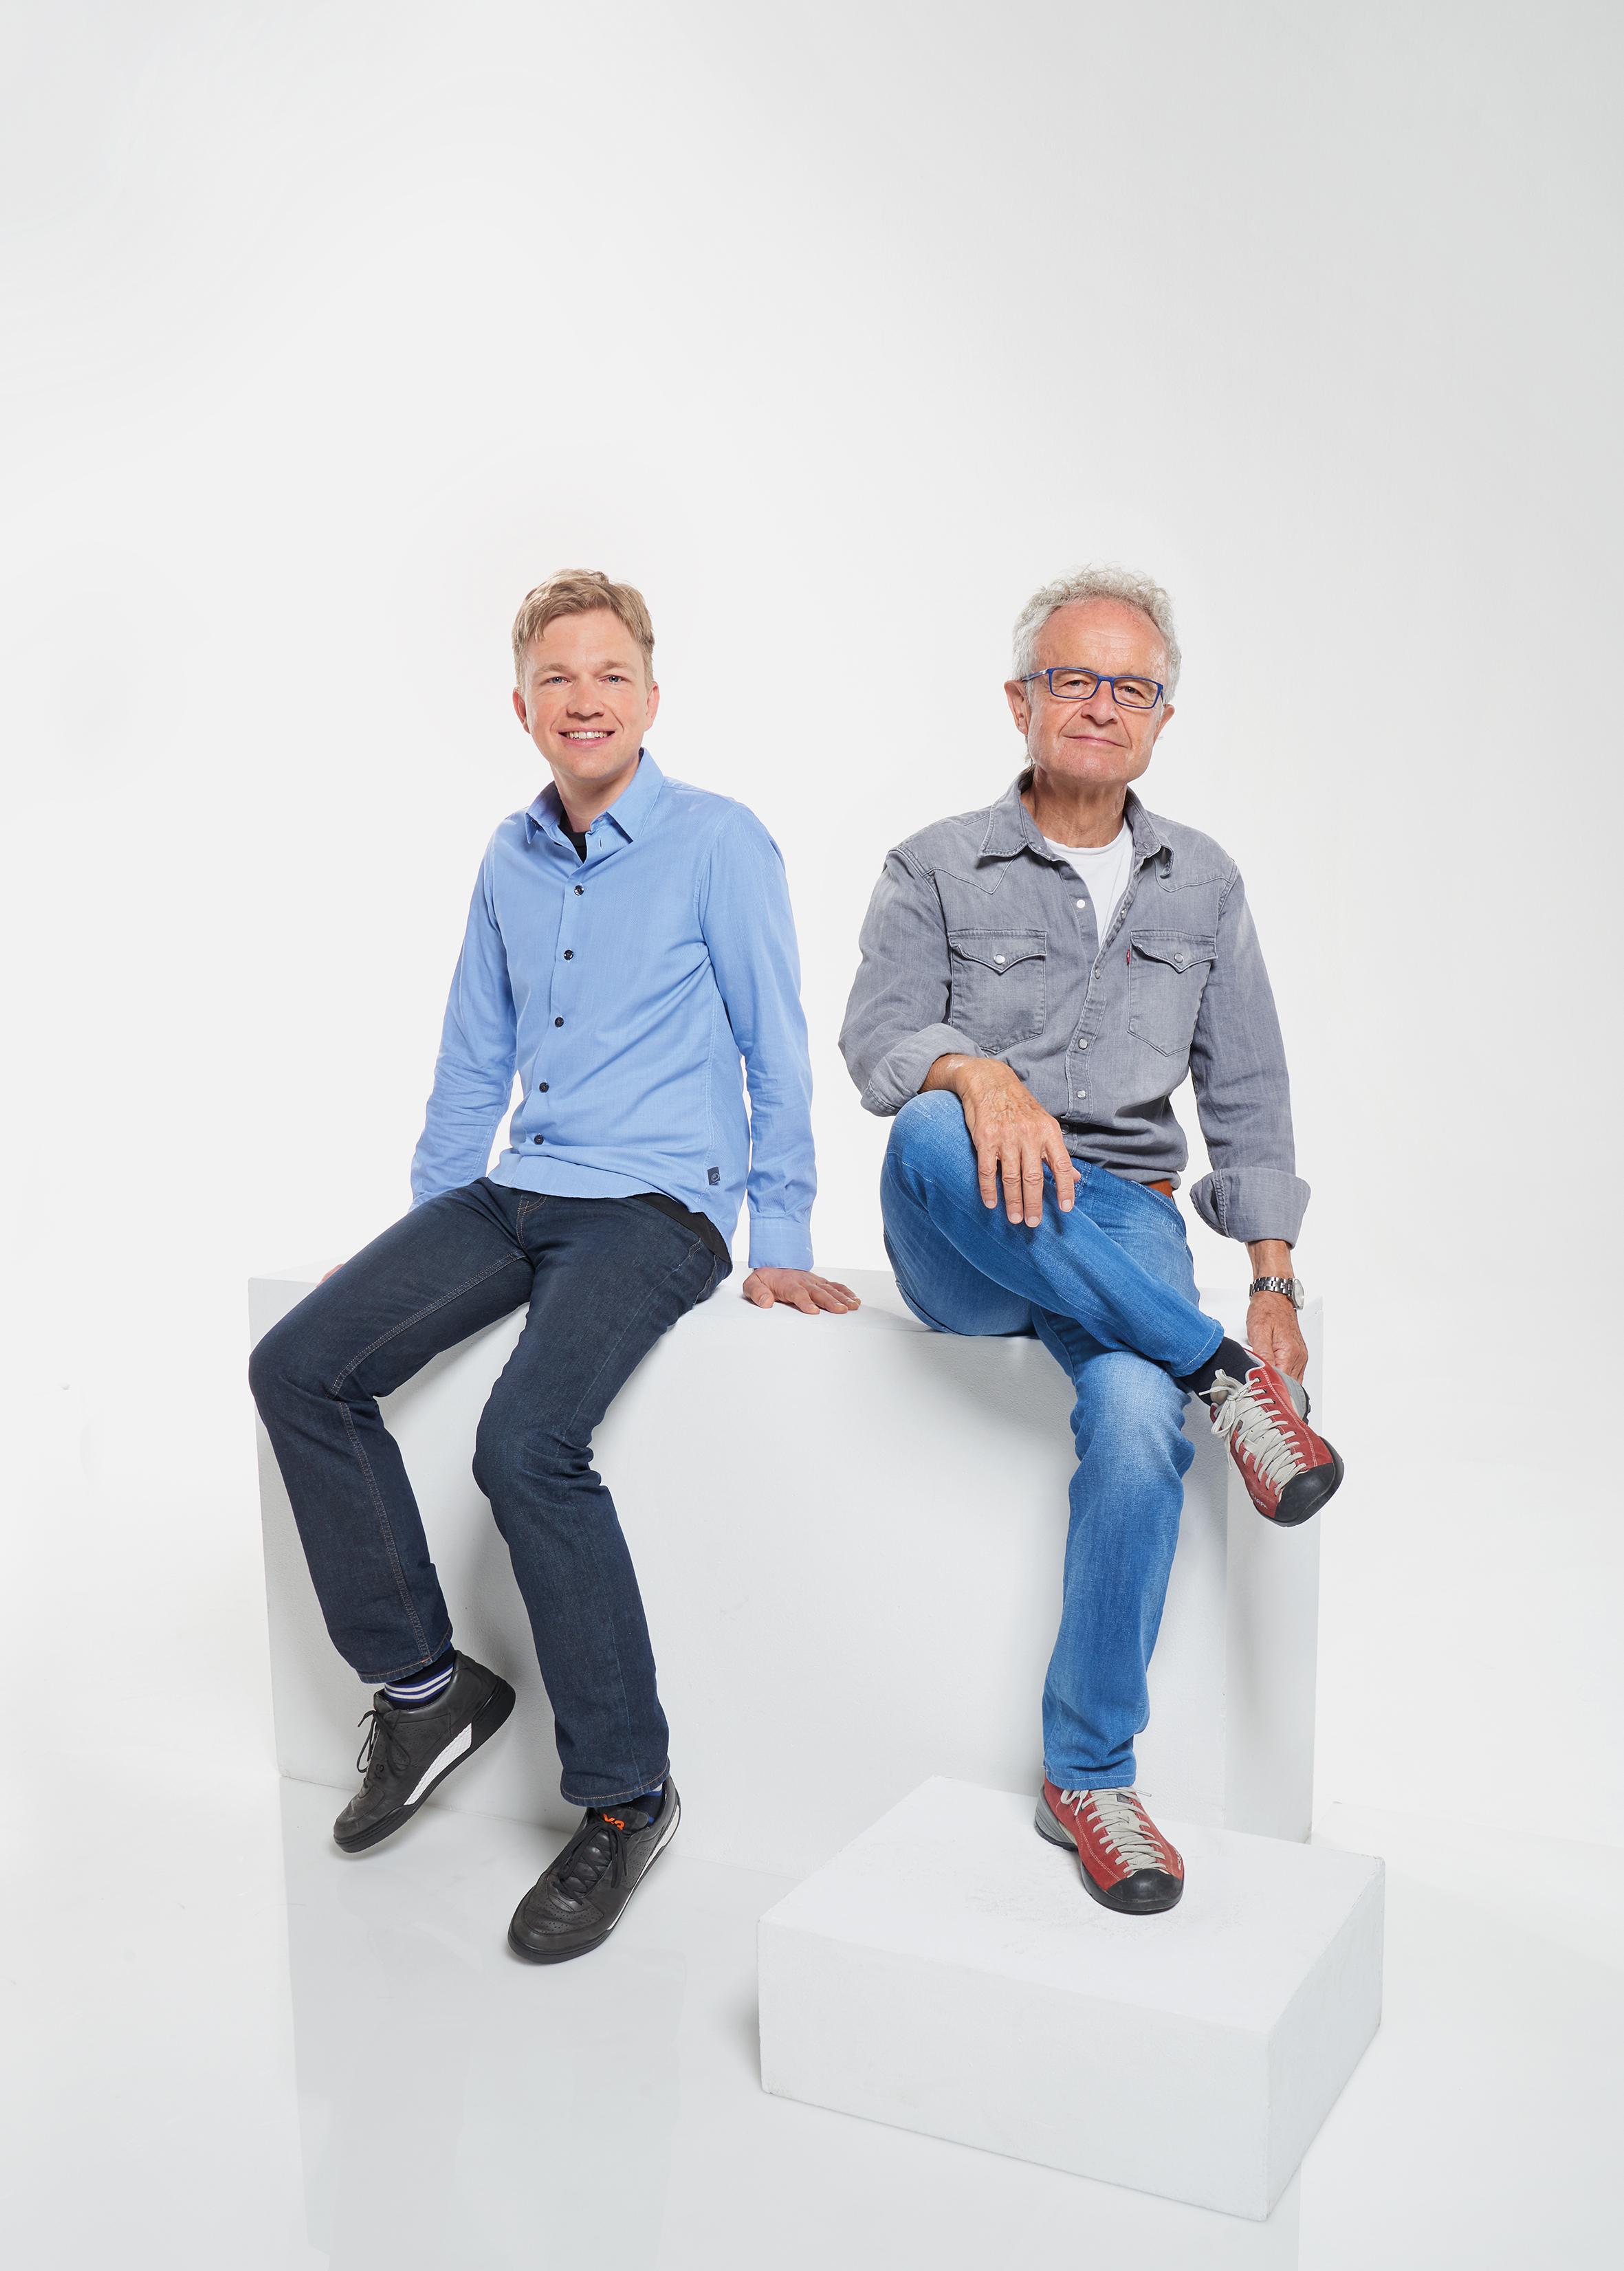 Andreas Croonenbroeck trägt eine dunkle Jeans zu hellblauem Hemd und schwarze Turnschuhe. Er hat blonde kurze Haare und lächelt in die Kamera. Neben ihm sitzt wie er auf einem weißen Klotz Christoph Ammon, der eine helle Jeans trägt zu einem grauen Hemd und roten Turnschuhen. Er hat graue Haare und trägt eine eckige Brille.